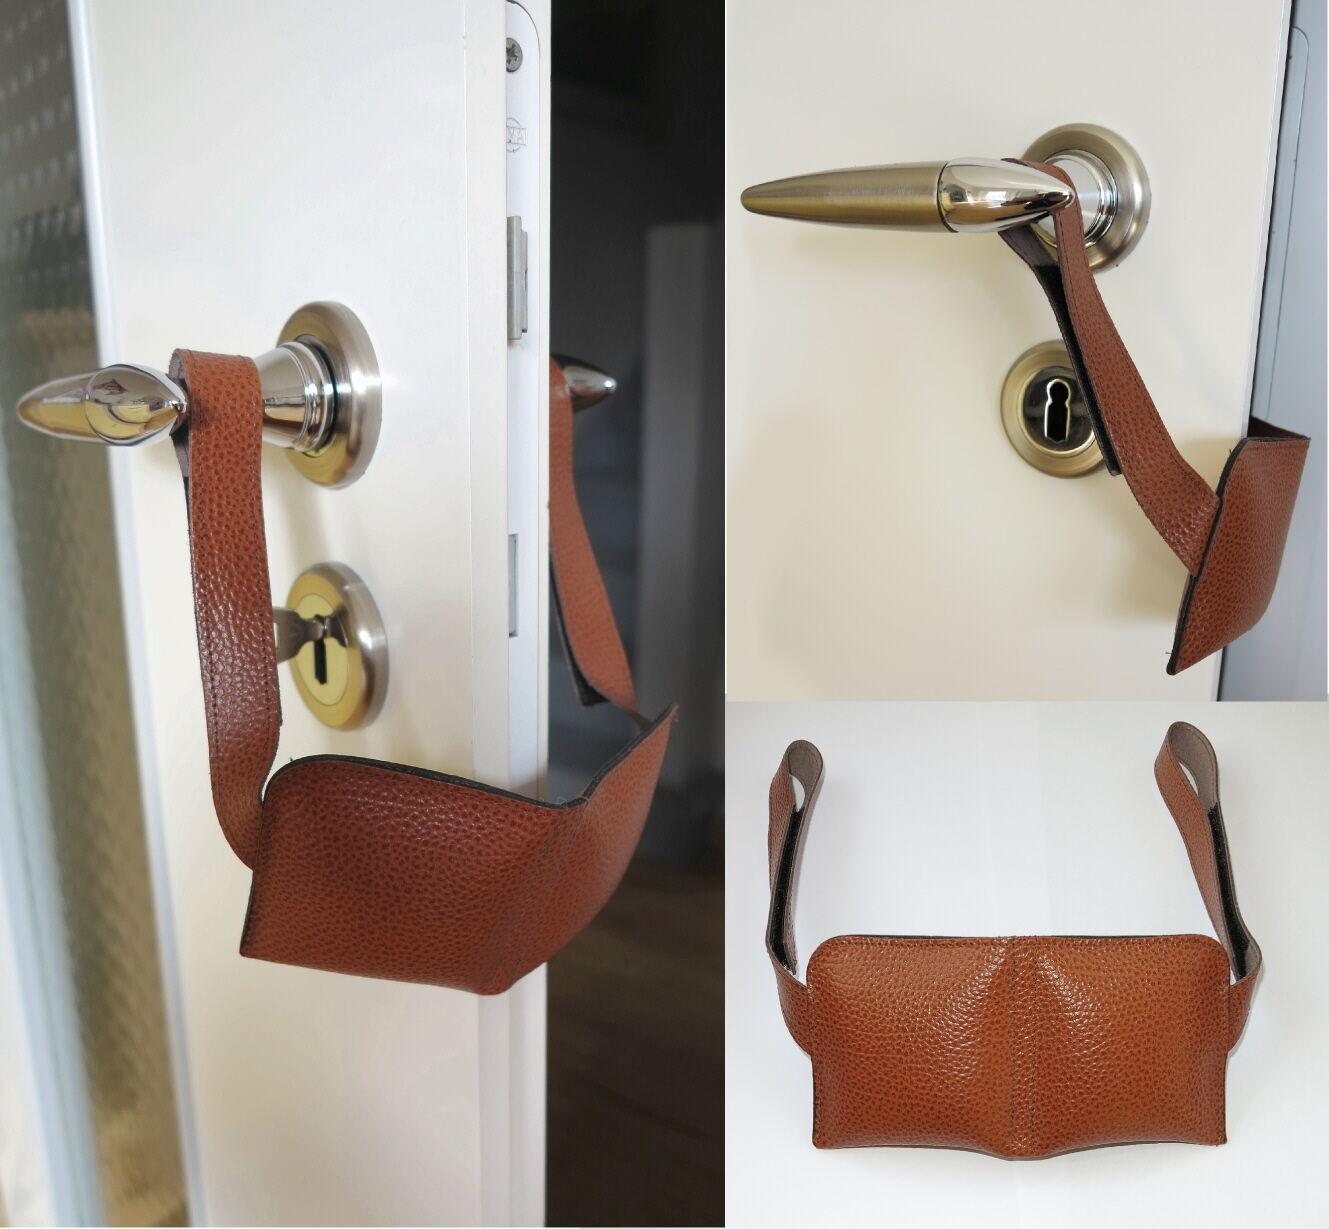 Leder-Türkissen-Tür-Kissen-Türstopper-Türpuffer-Kein lautes zuschlagen der Tür